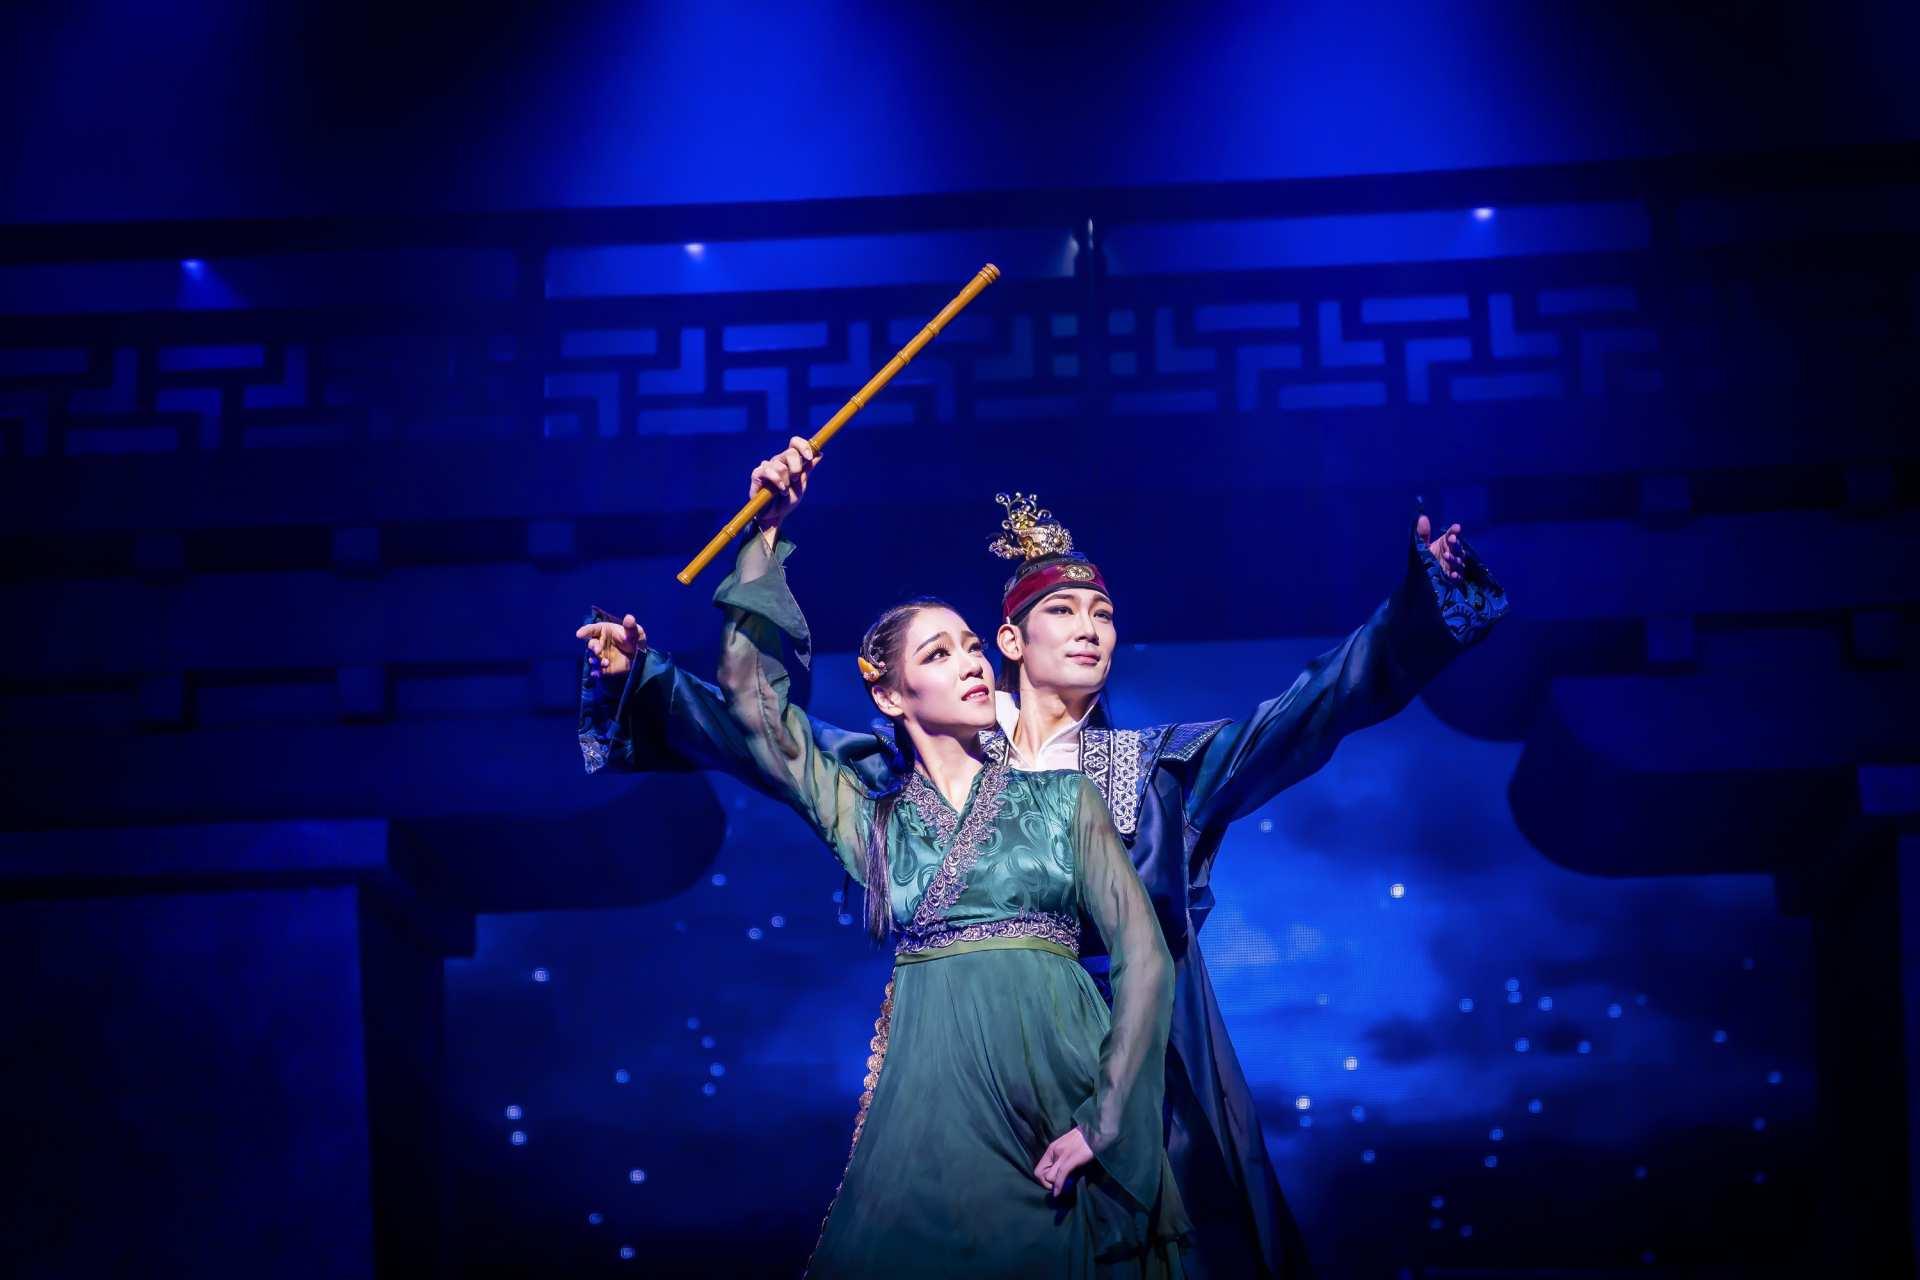 【慶州貞洞劇場】韓國歷史無言音樂劇《阿密淚》公演門票(往返計程車接送)